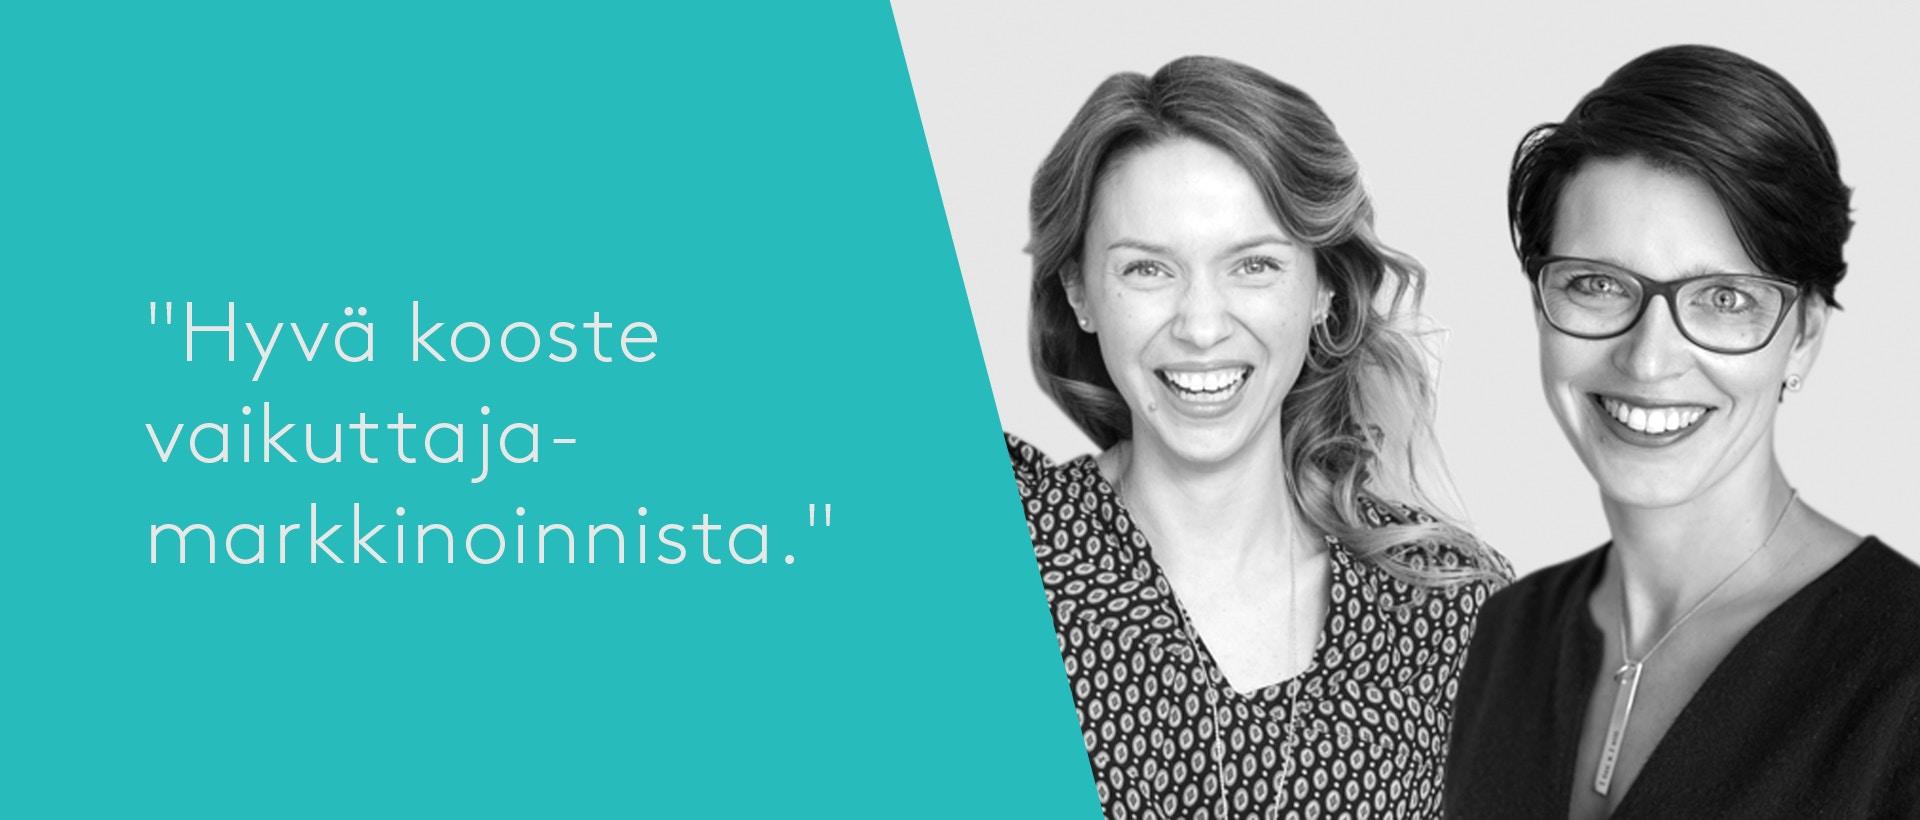 Vaikuttajamarkkinoinnin ABC -webinaarin puhujat Laura Pääkkönen ja Inna-Pirjetta Lahti